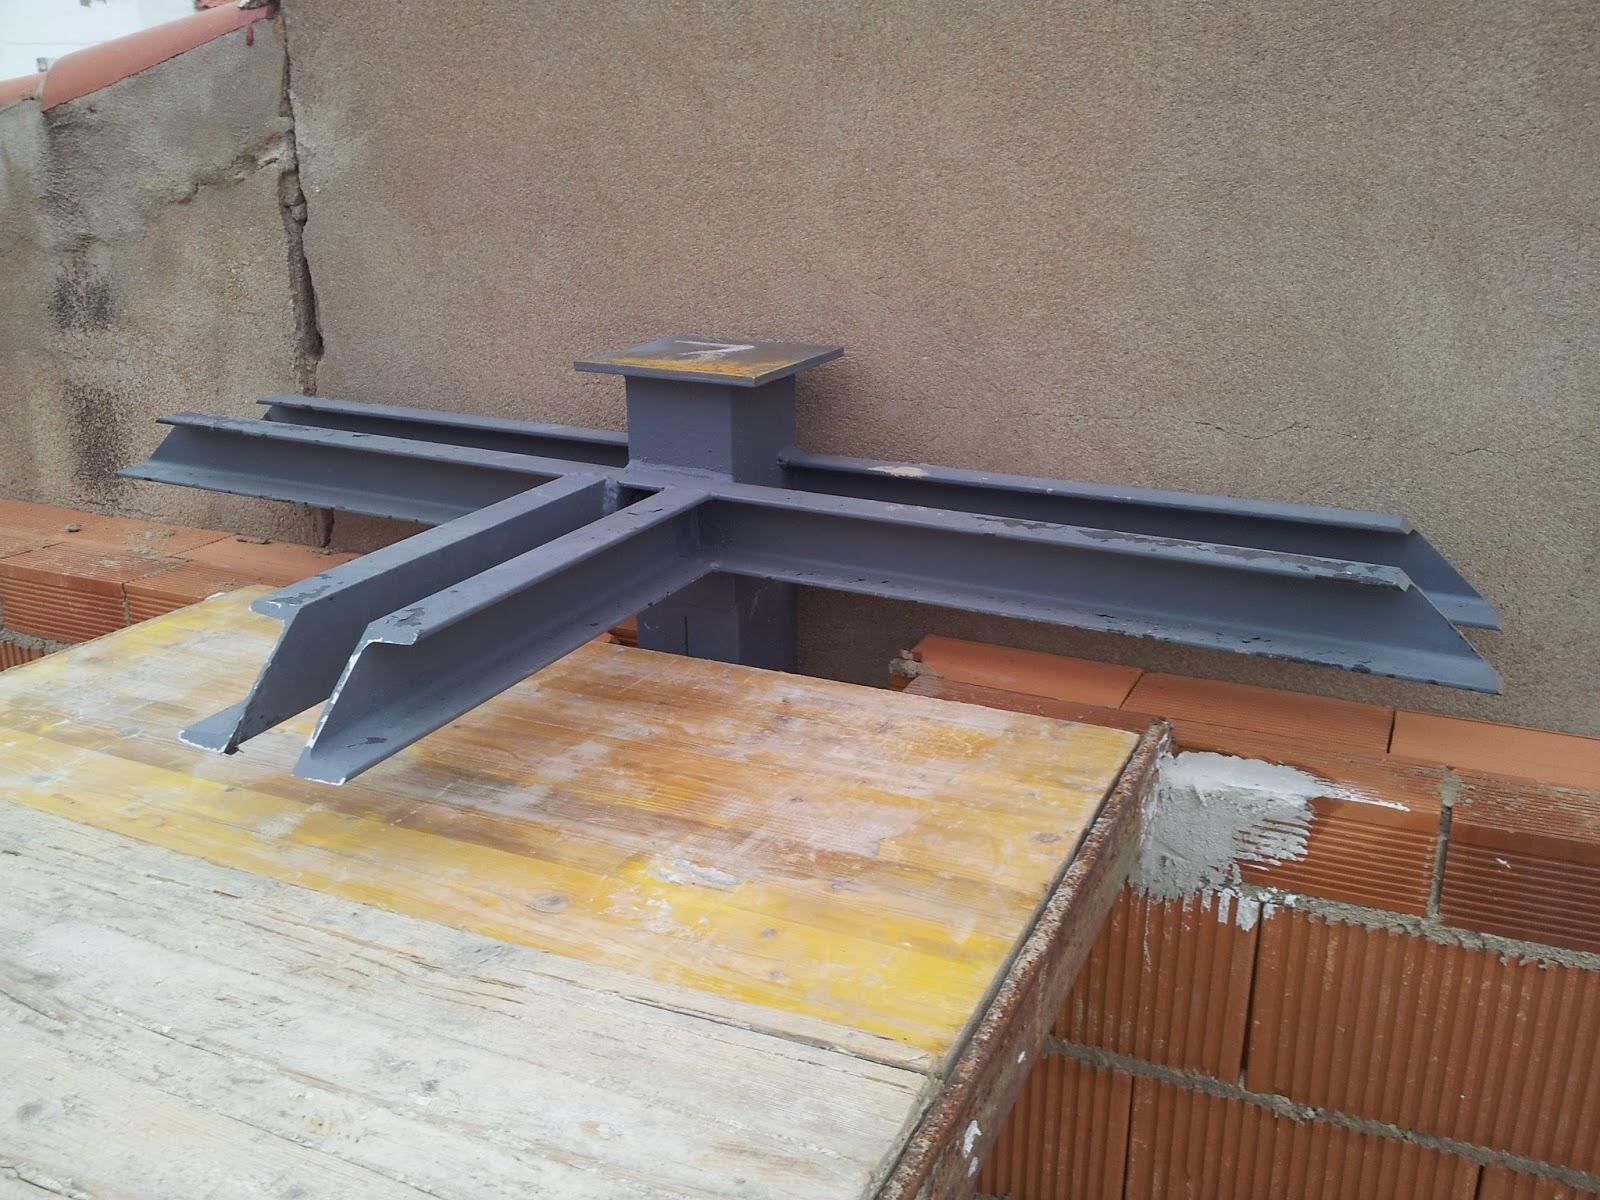 Pilares de hierro segunda mano materiales de - Vigas de hierro precios segunda mano ...